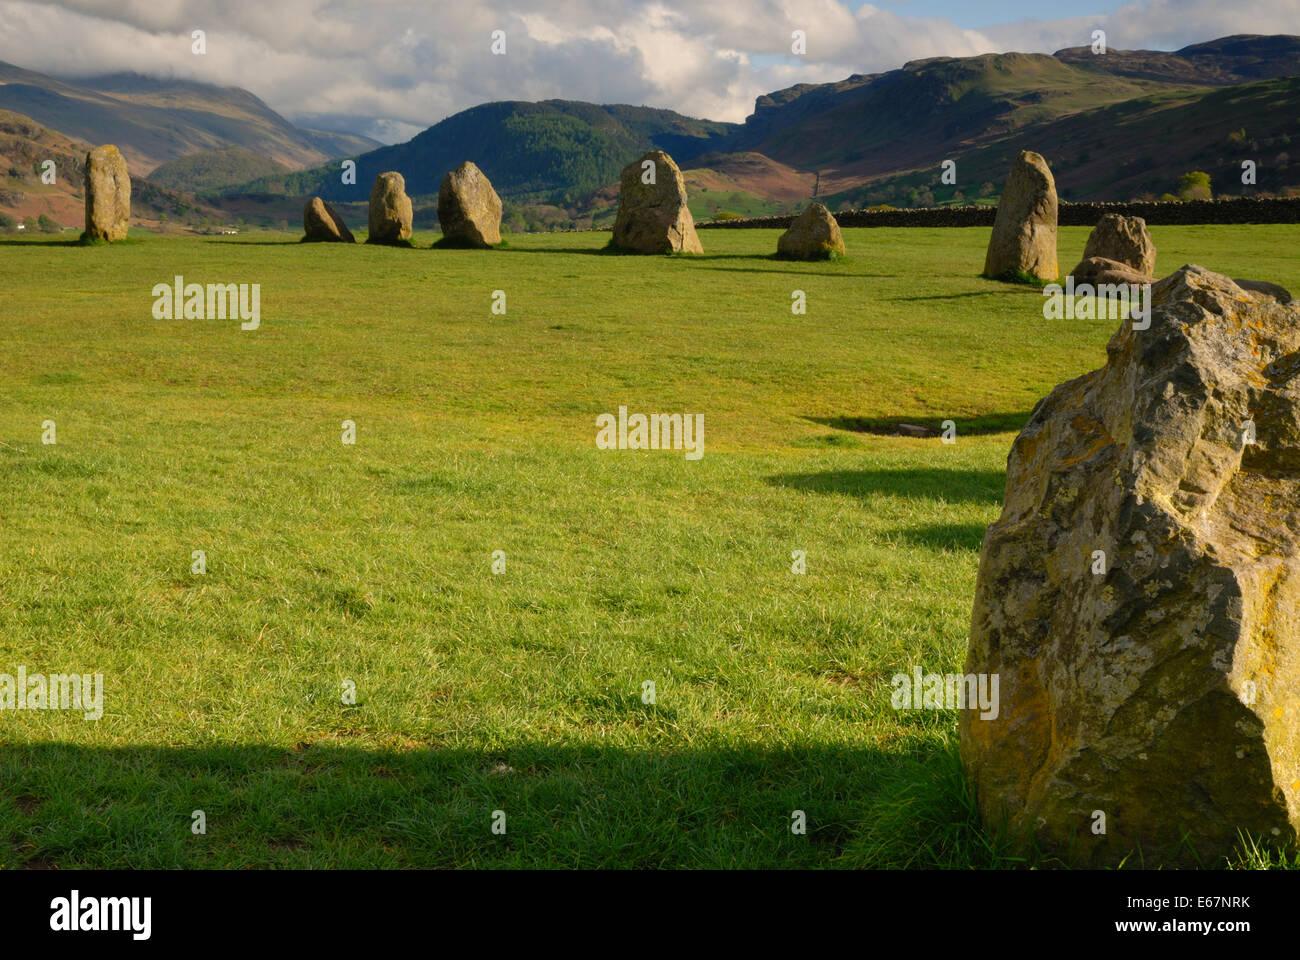 Castle Rigg Stone Cirlce, Keswick - Stock Image